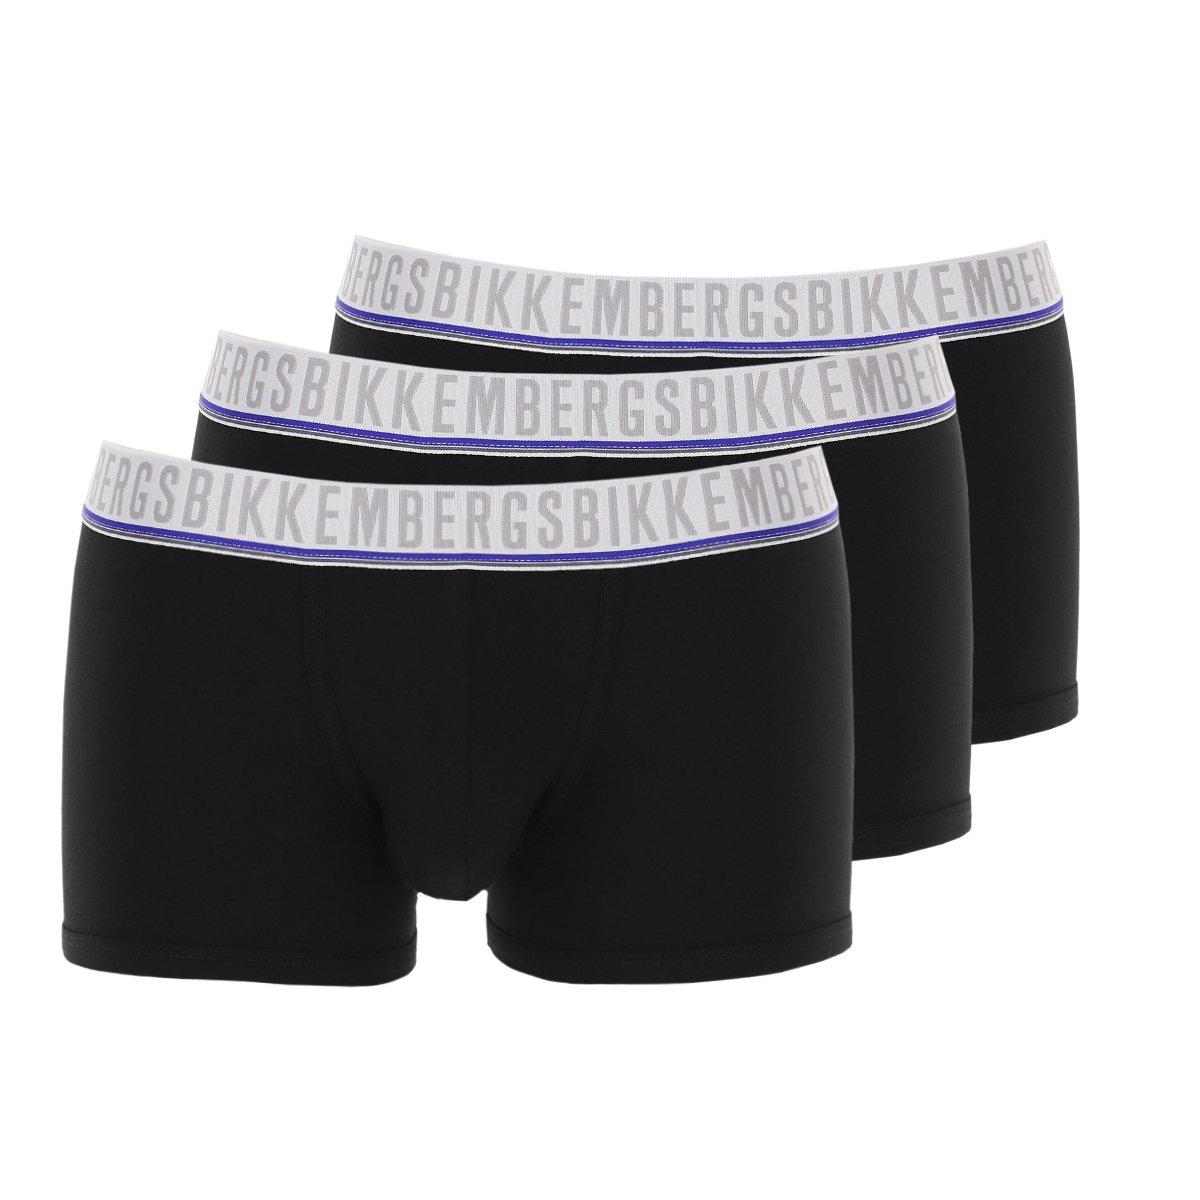 Bikkembergs Men's Underwear Boxer Various Colours VBKT04286 - black S